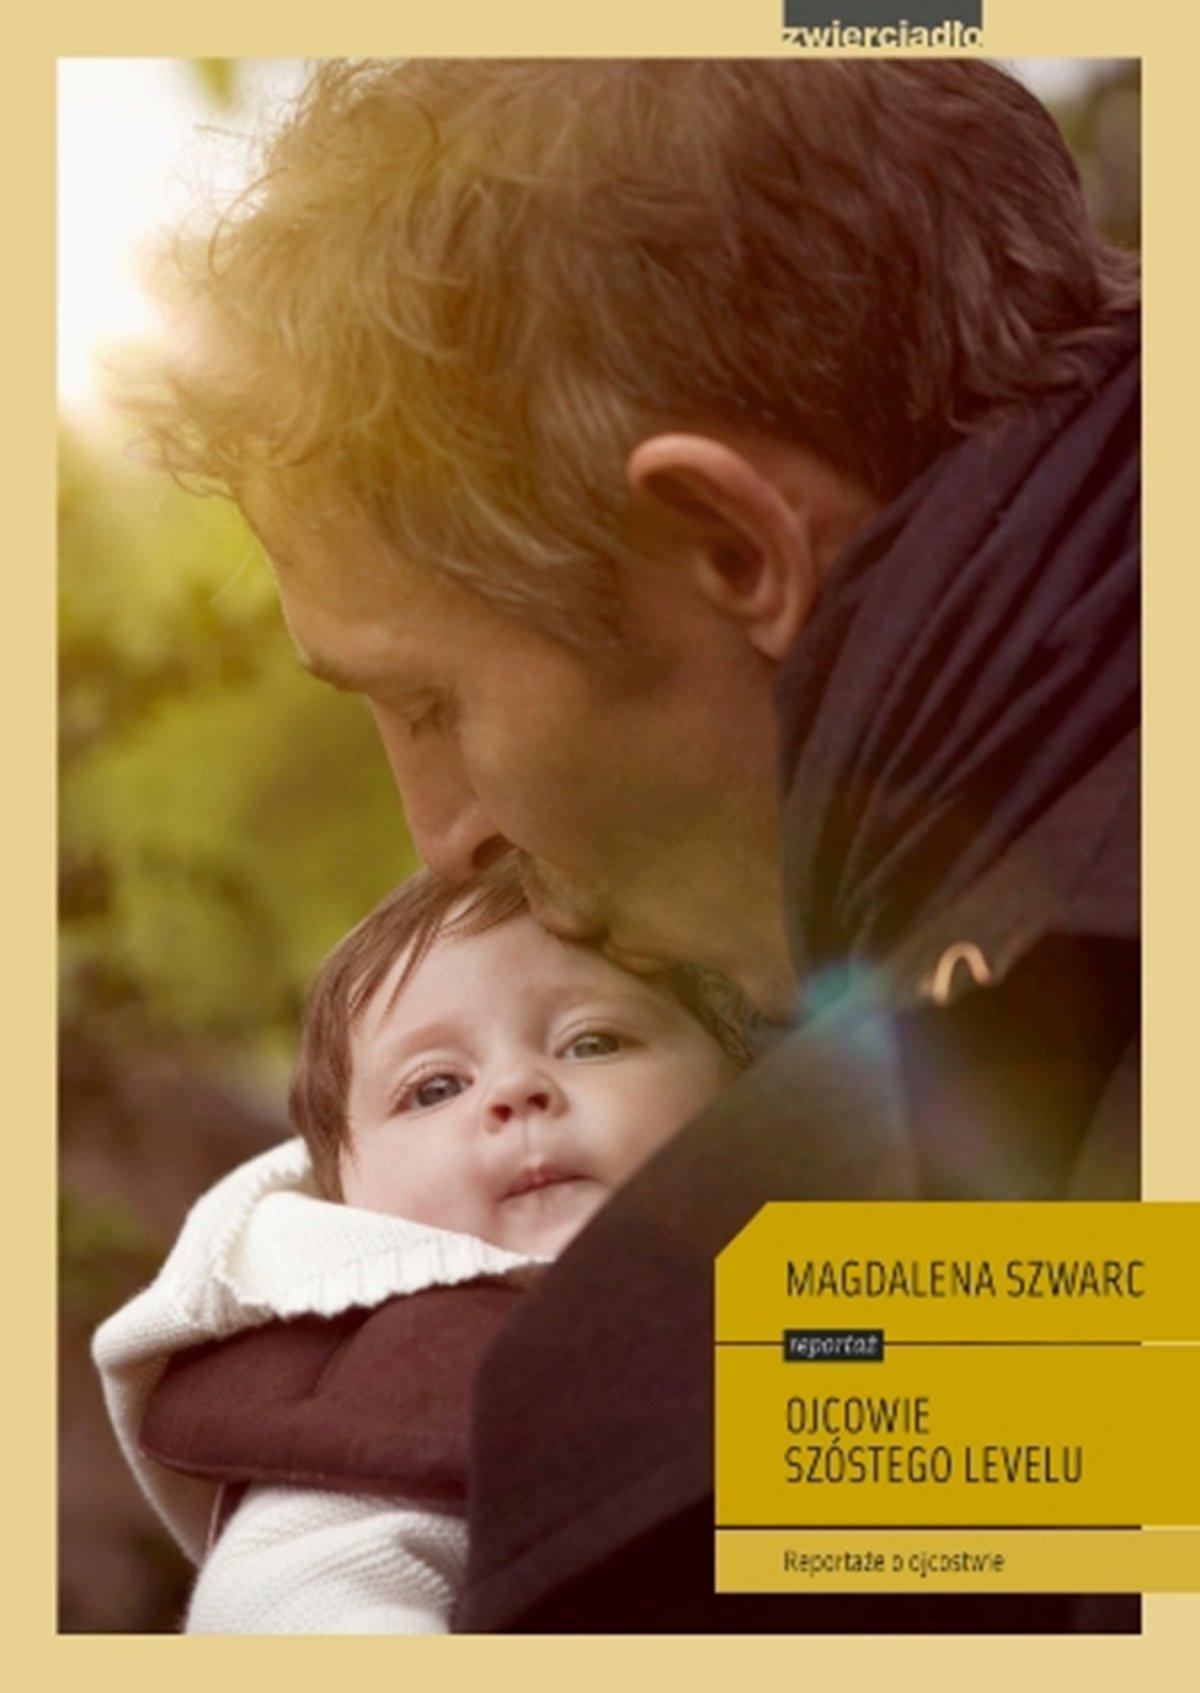 Ojcowie szóstego levelu - Ebook (Książka EPUB) do pobrania w formacie EPUB